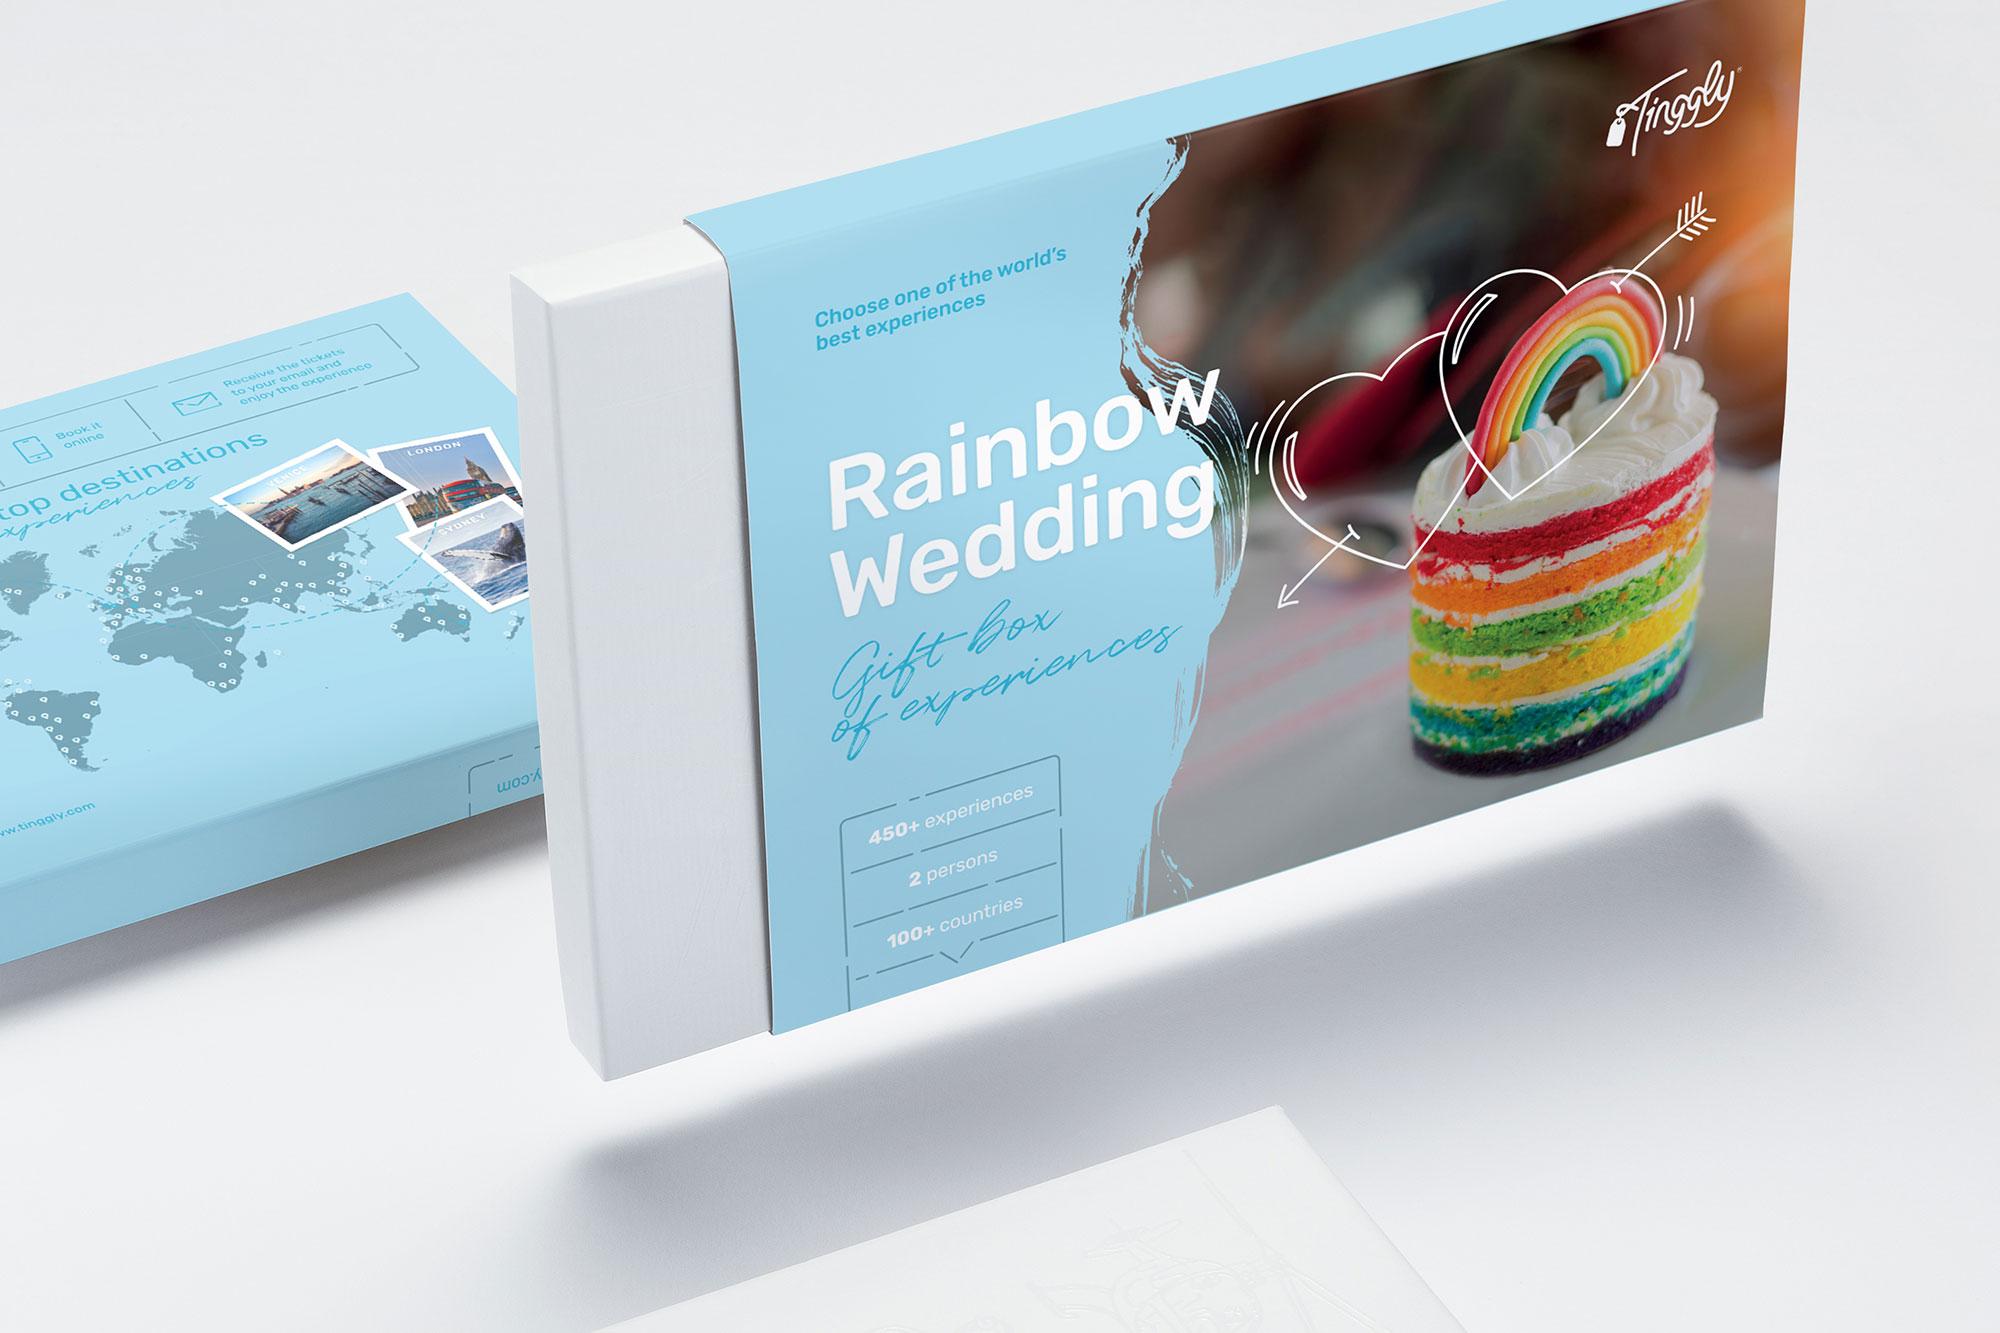 Rainbow Wedding LGBTQ+ friendly gift box by Tinggly